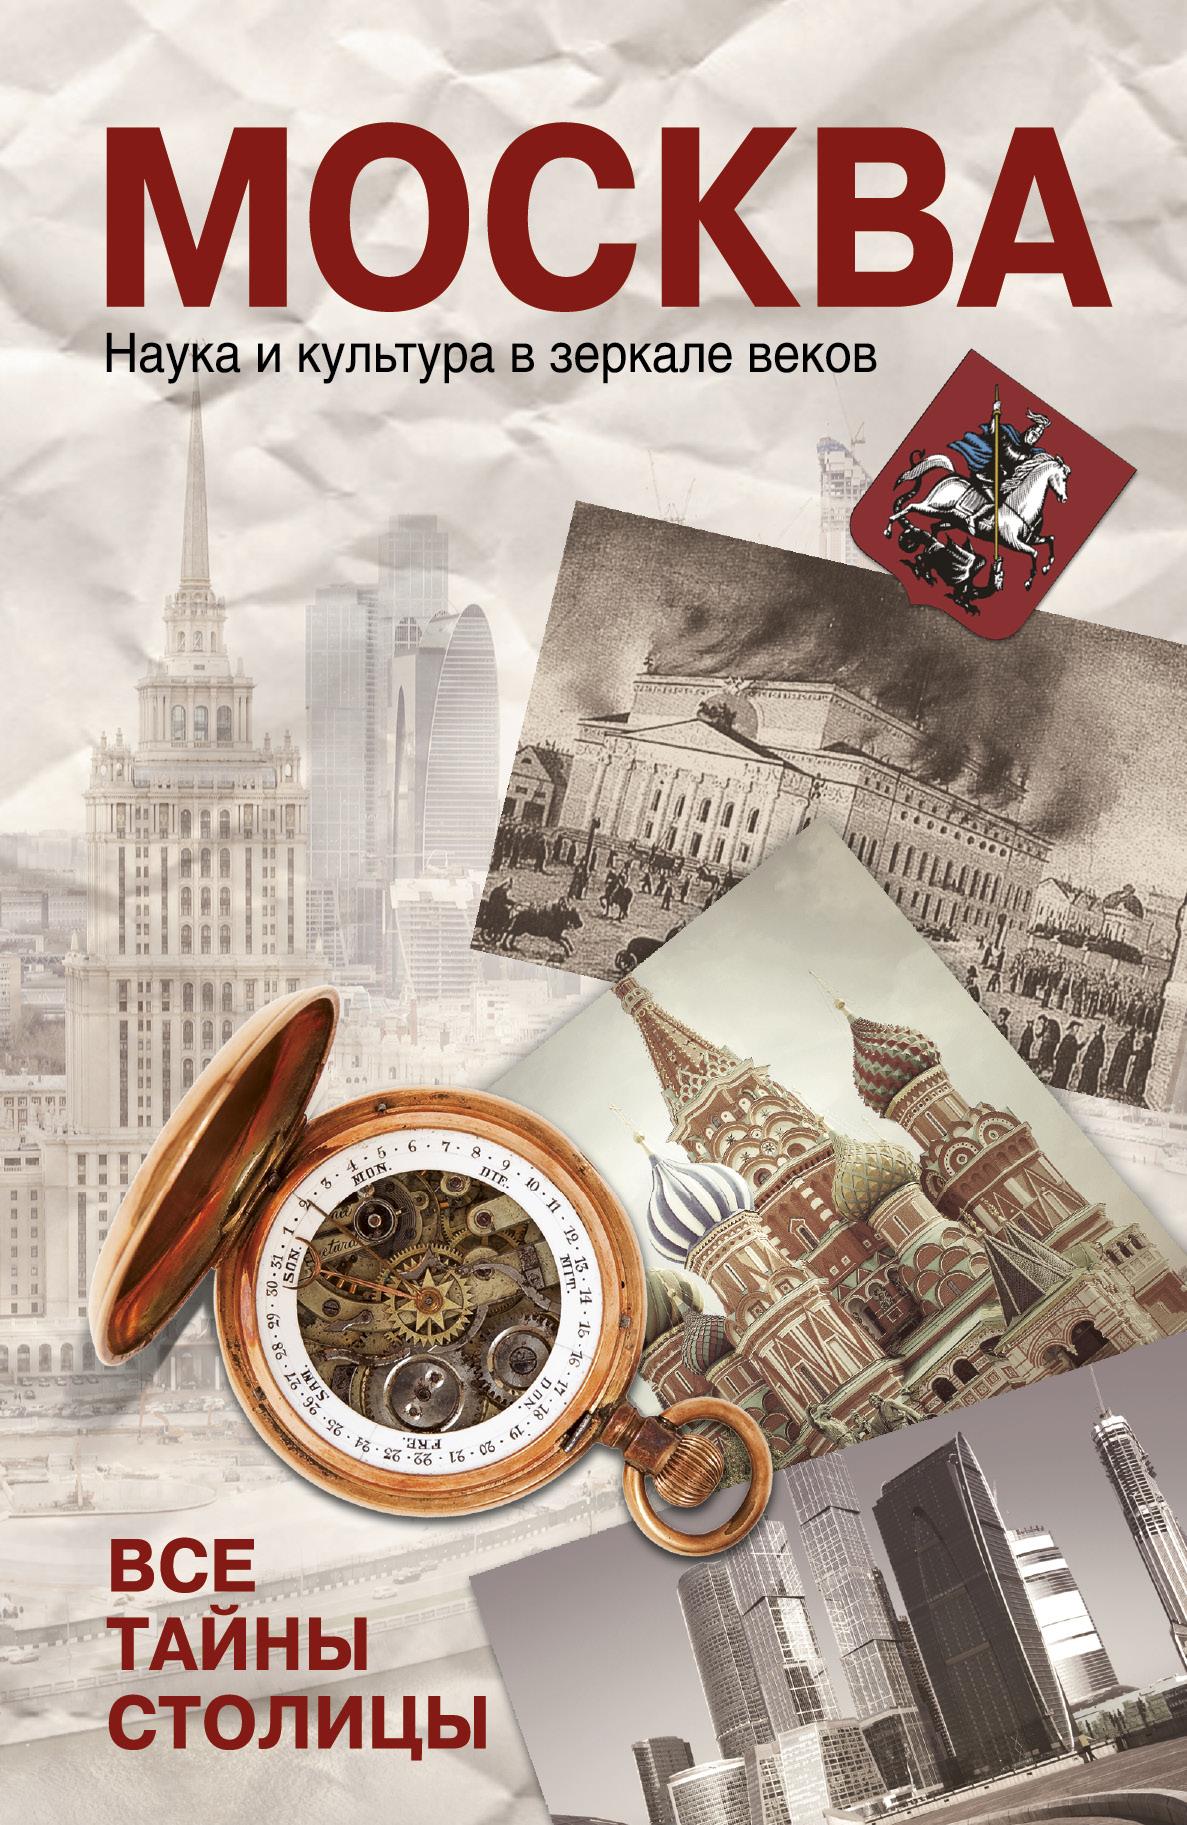 Москва. Наука и культура в зеркале веков. Все тайны столицы